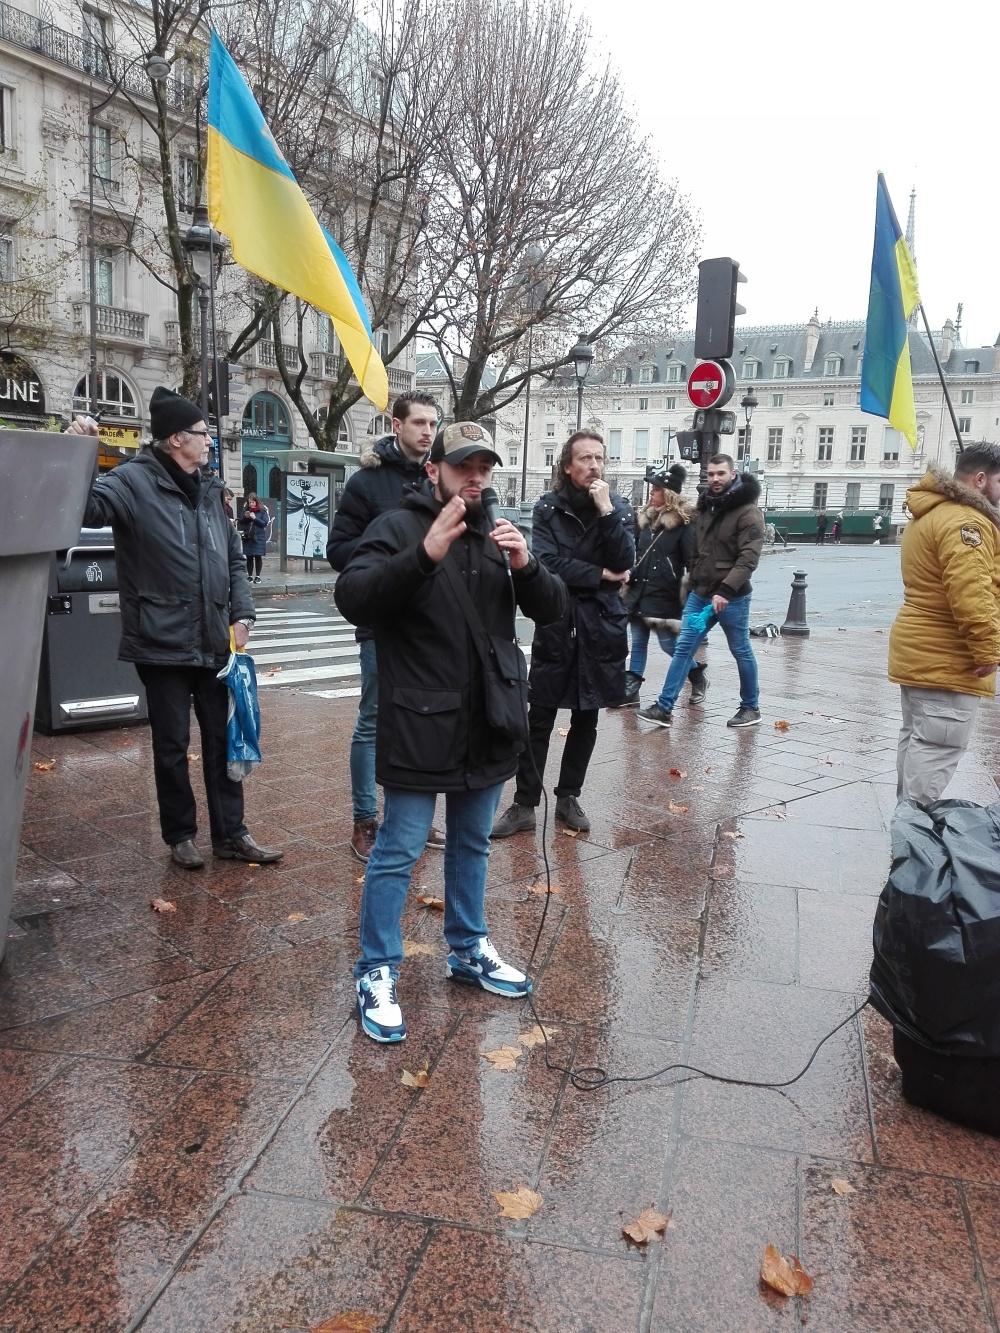 Дмитро від Руху Ветеранів  Акція на підтримку України напередодні саміту «Нормандії» Париж 8 грудня 2019